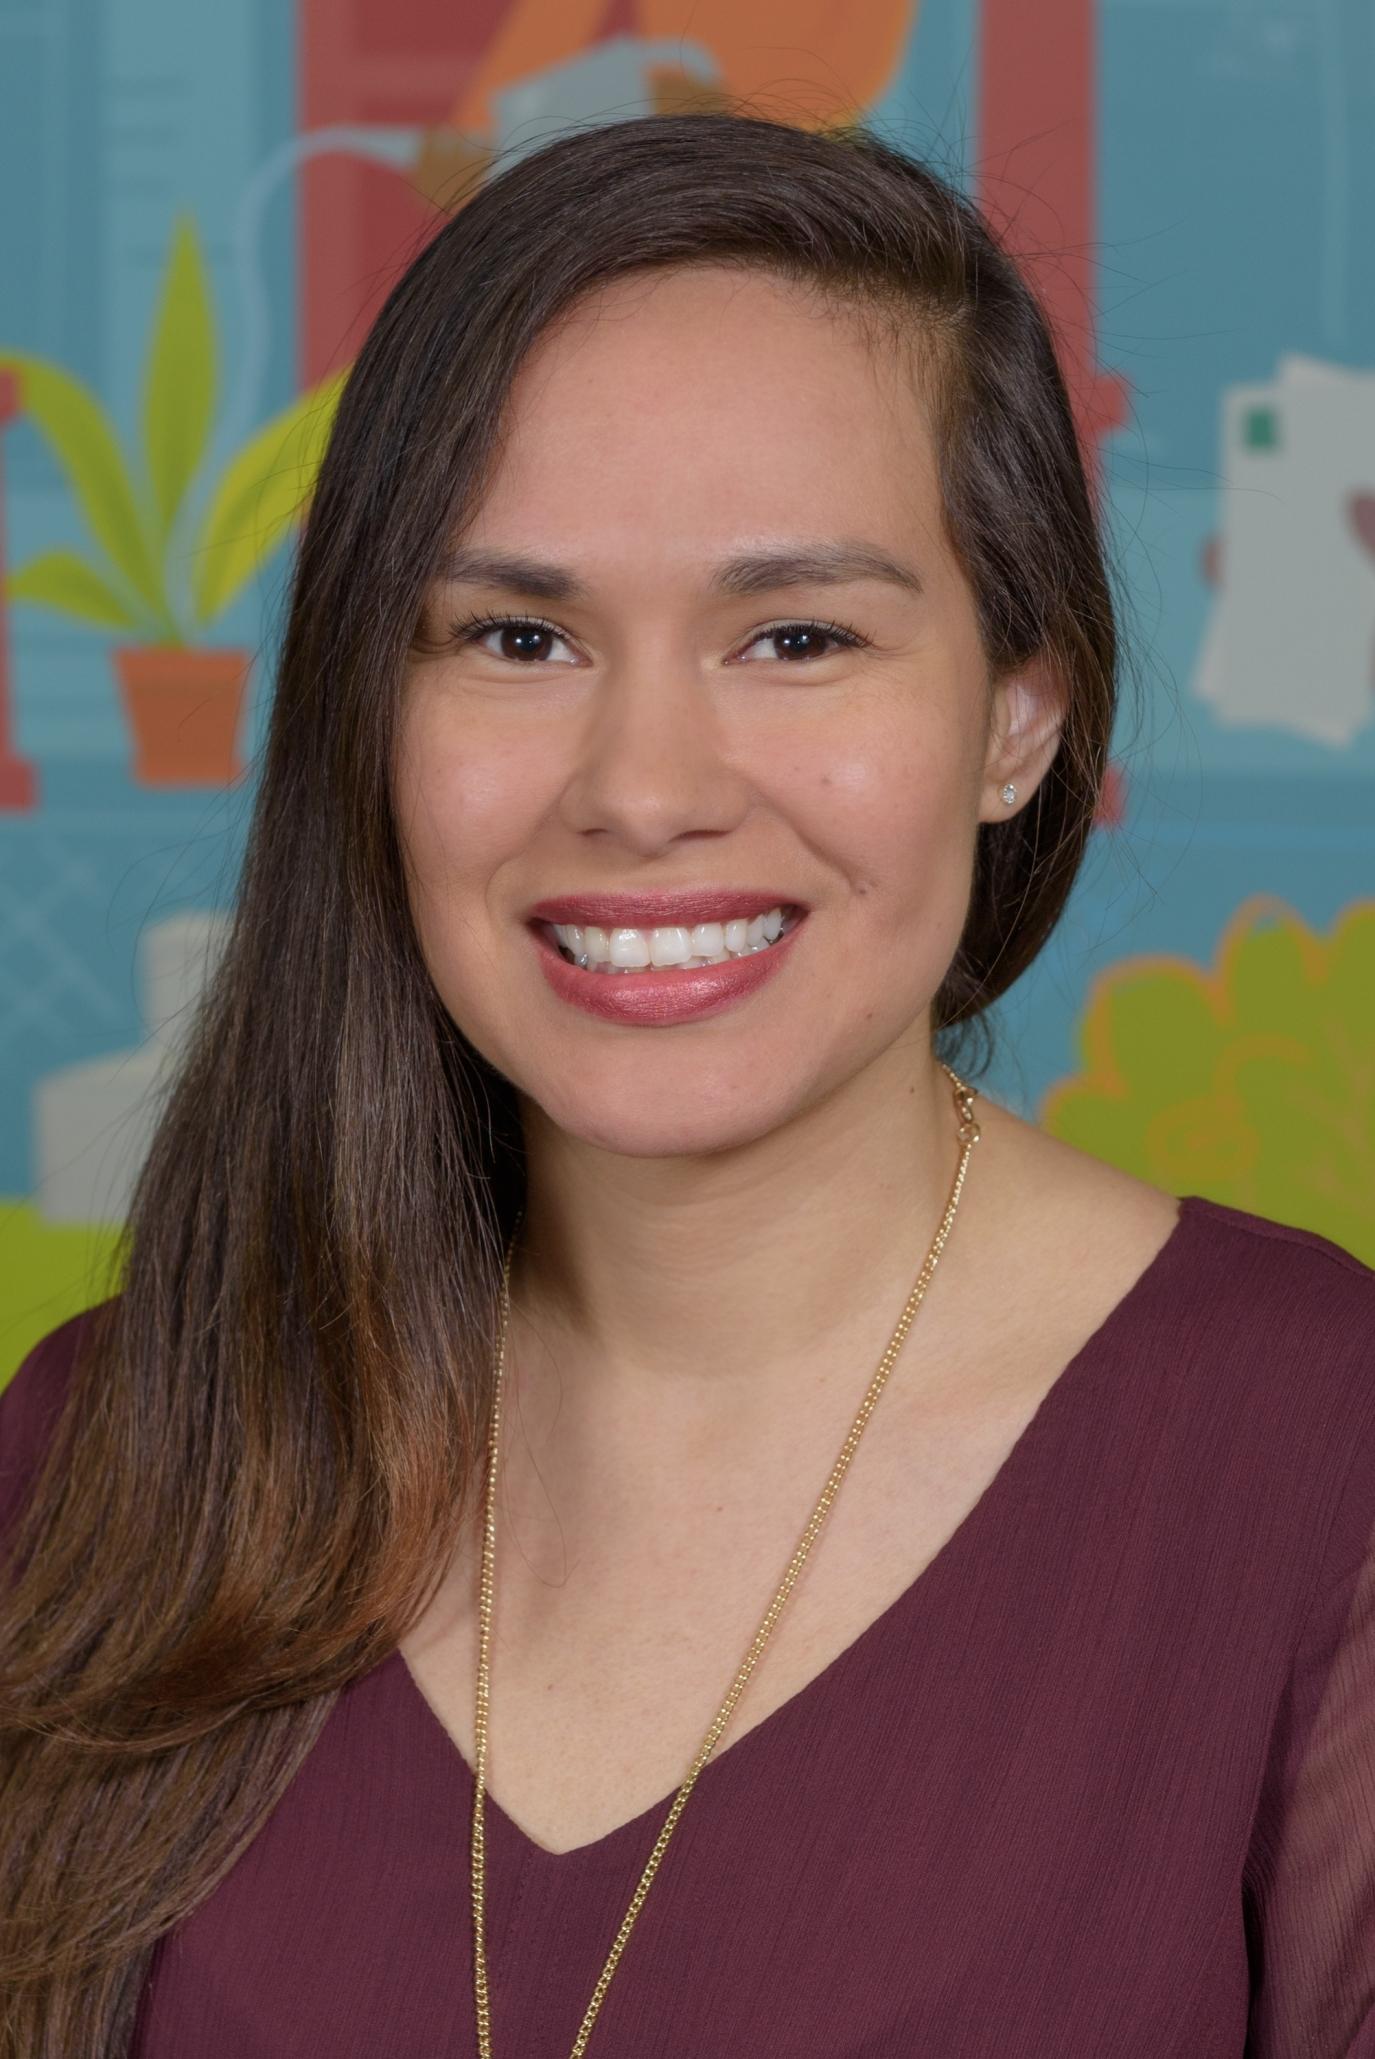 Jessenia Juarez